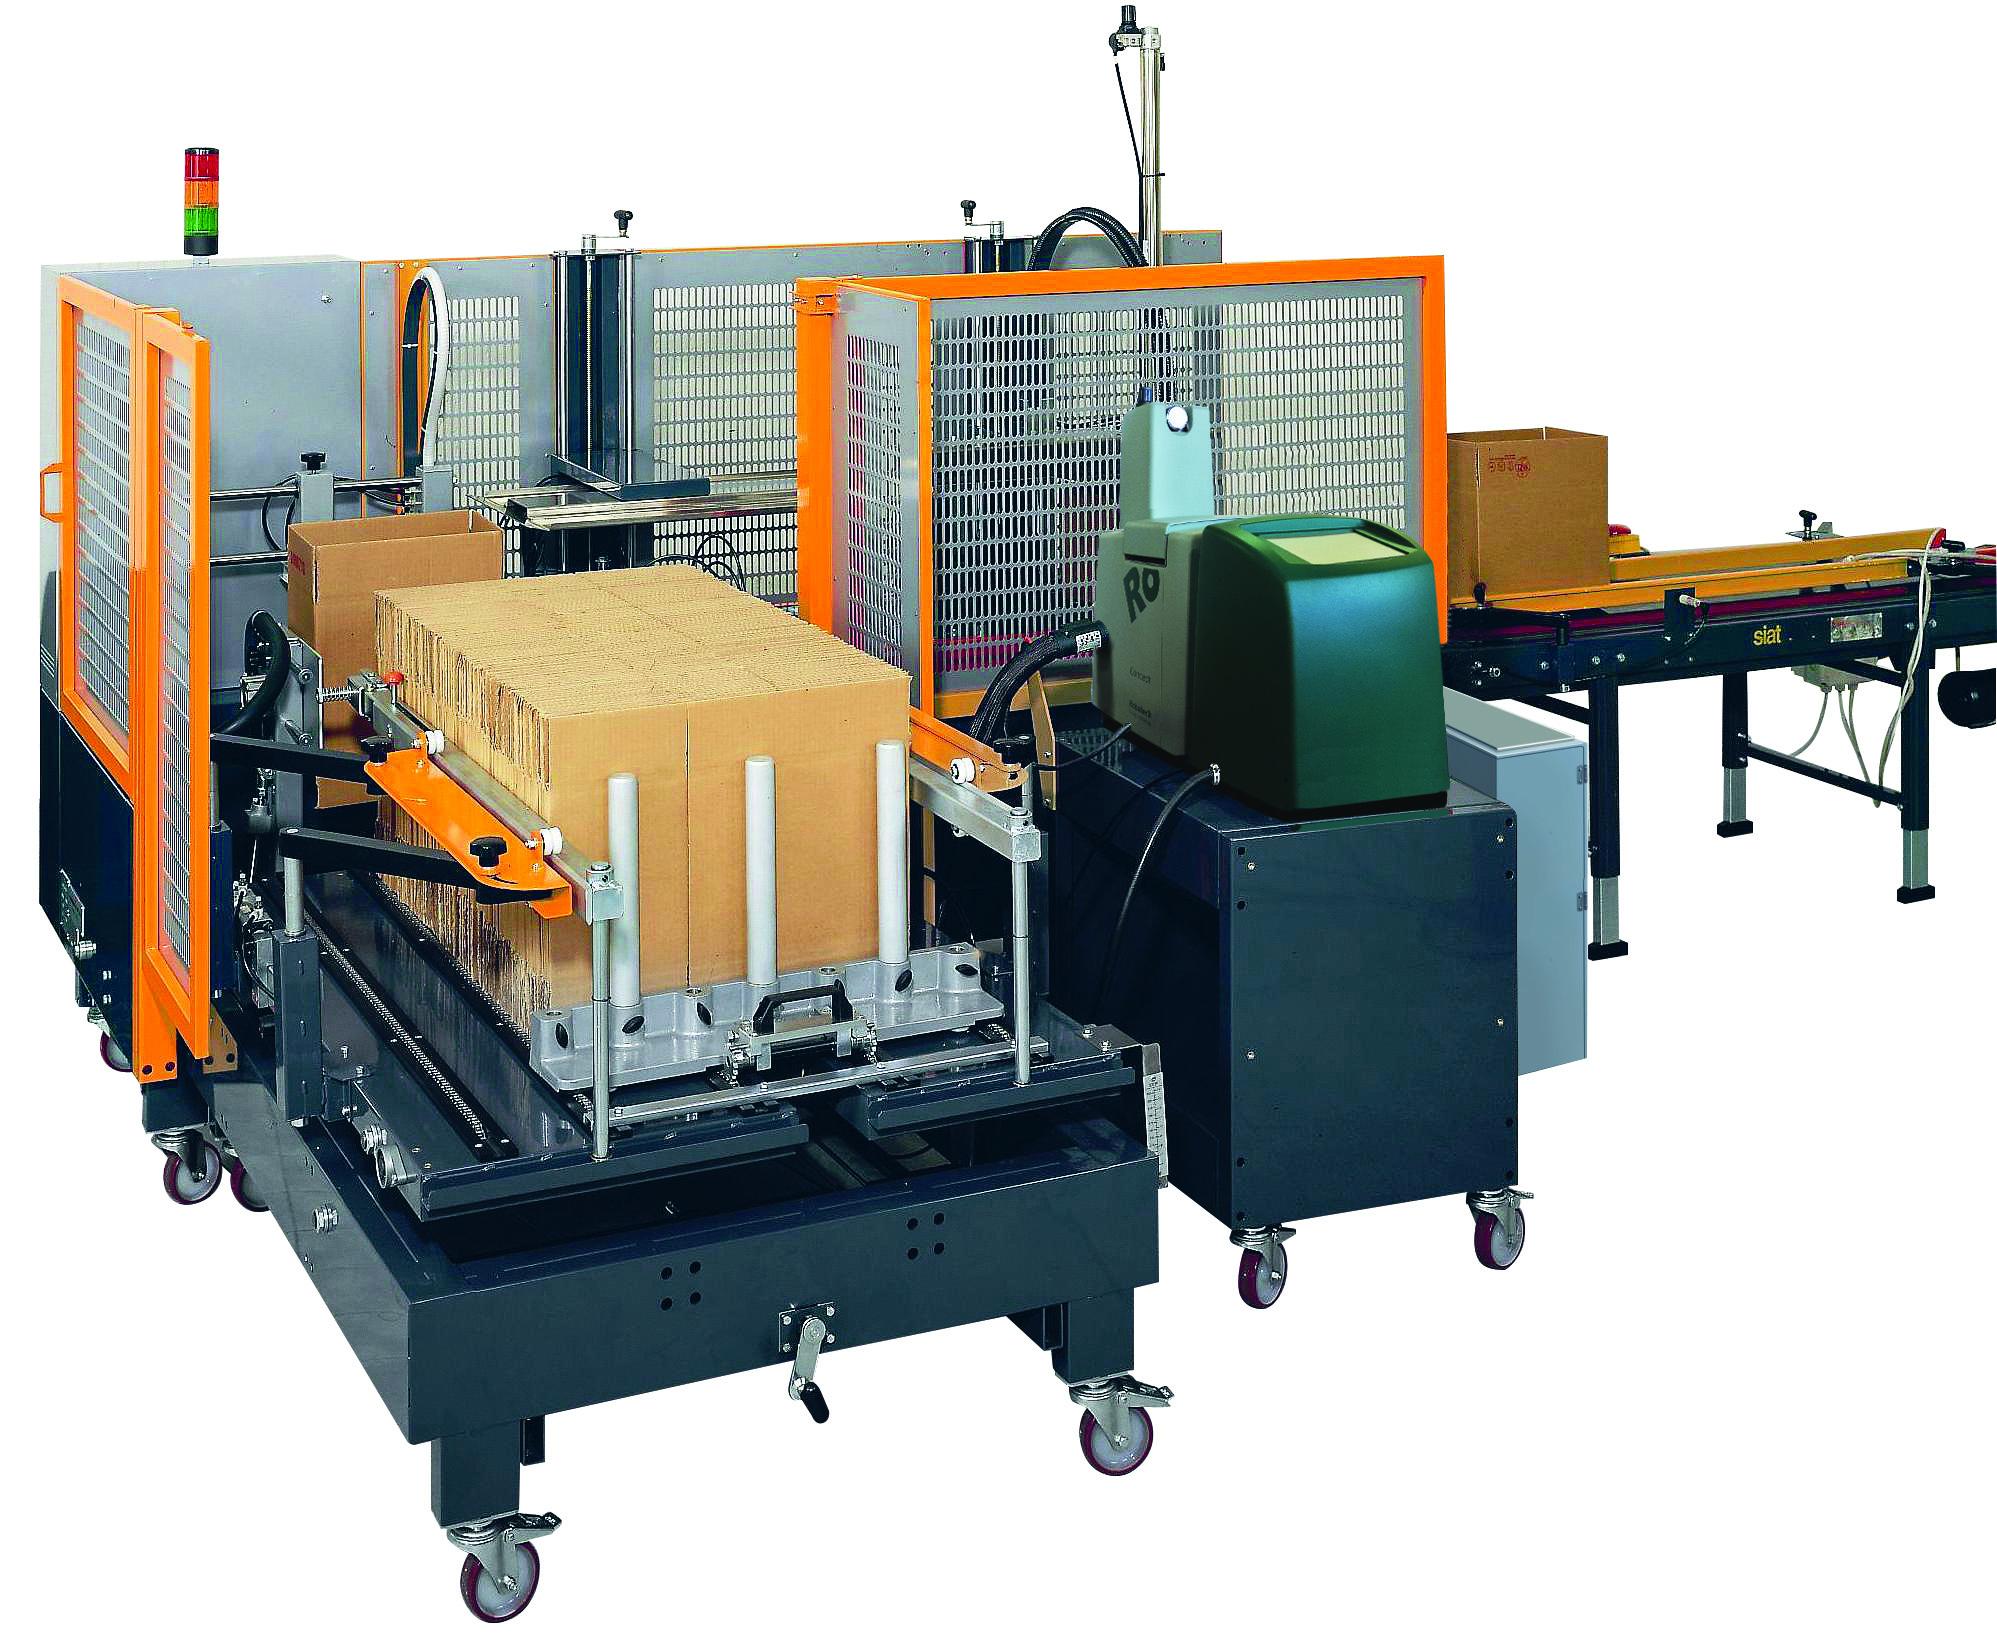 Stroje na skládání krabic